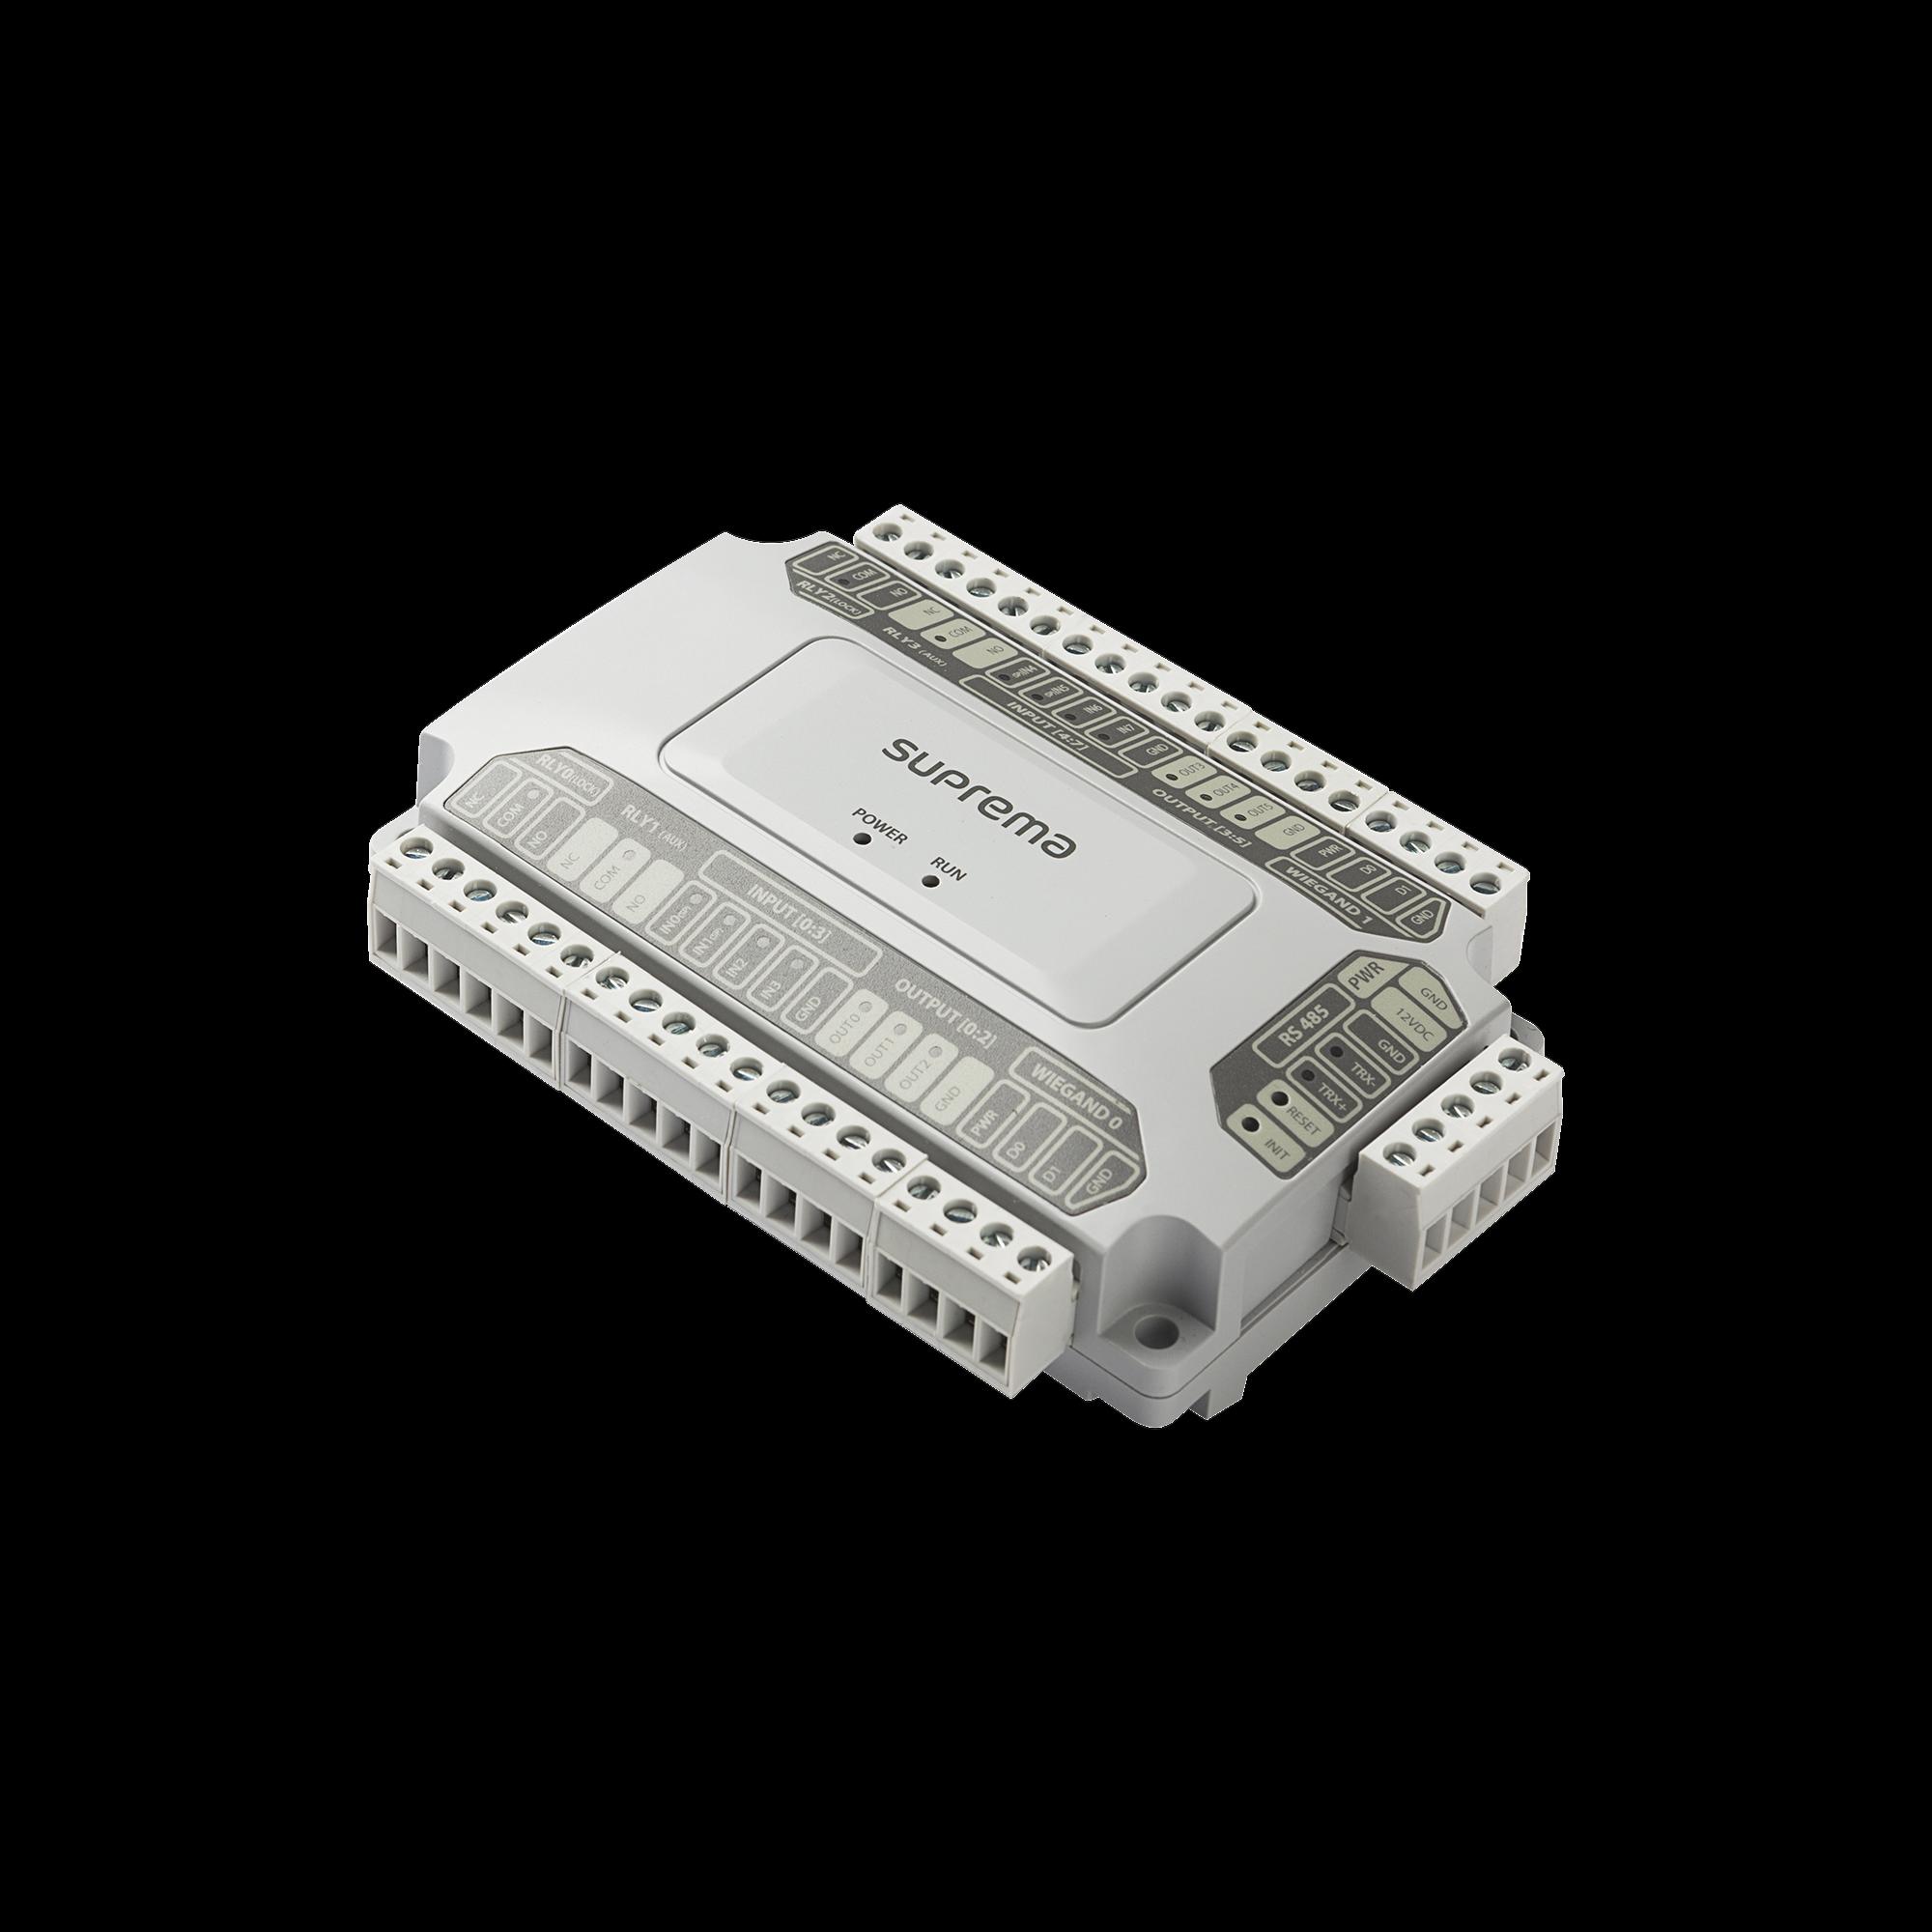 Módulo para Control de Puertas / 2 Entradas/Salidas Weigand / 4 Salidas de Relevador tipo C / Uso con BioStar 2